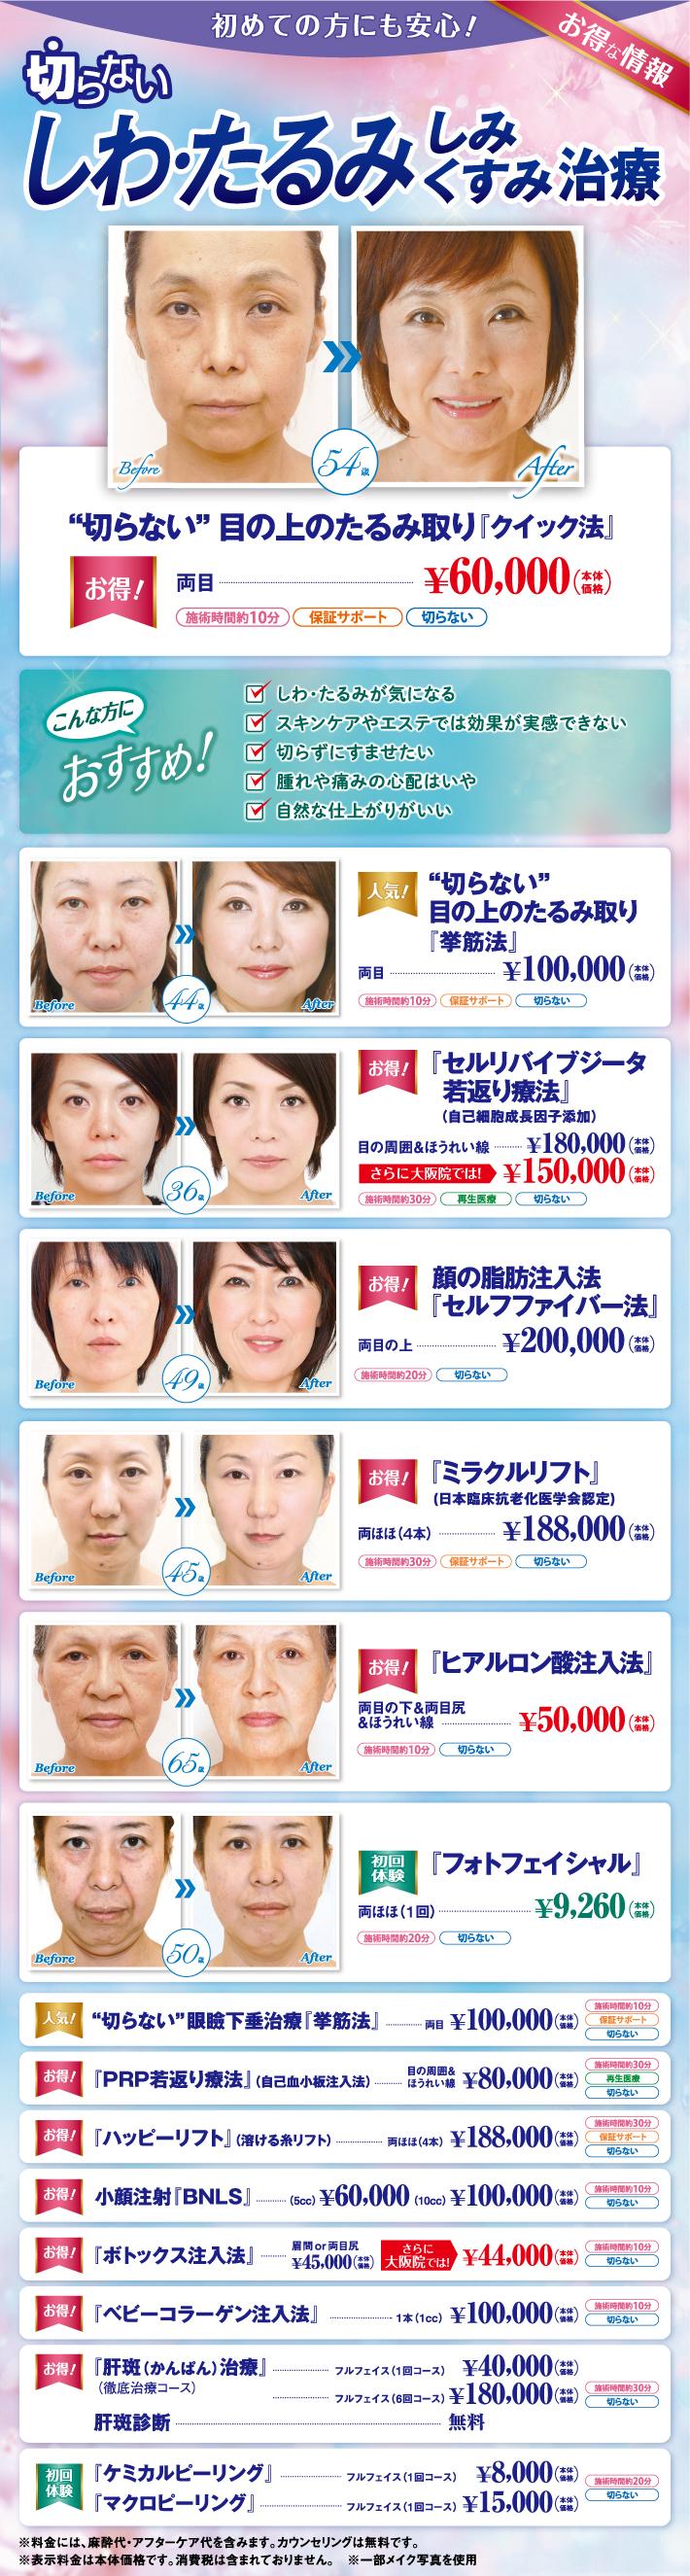 大阪院のお得情報